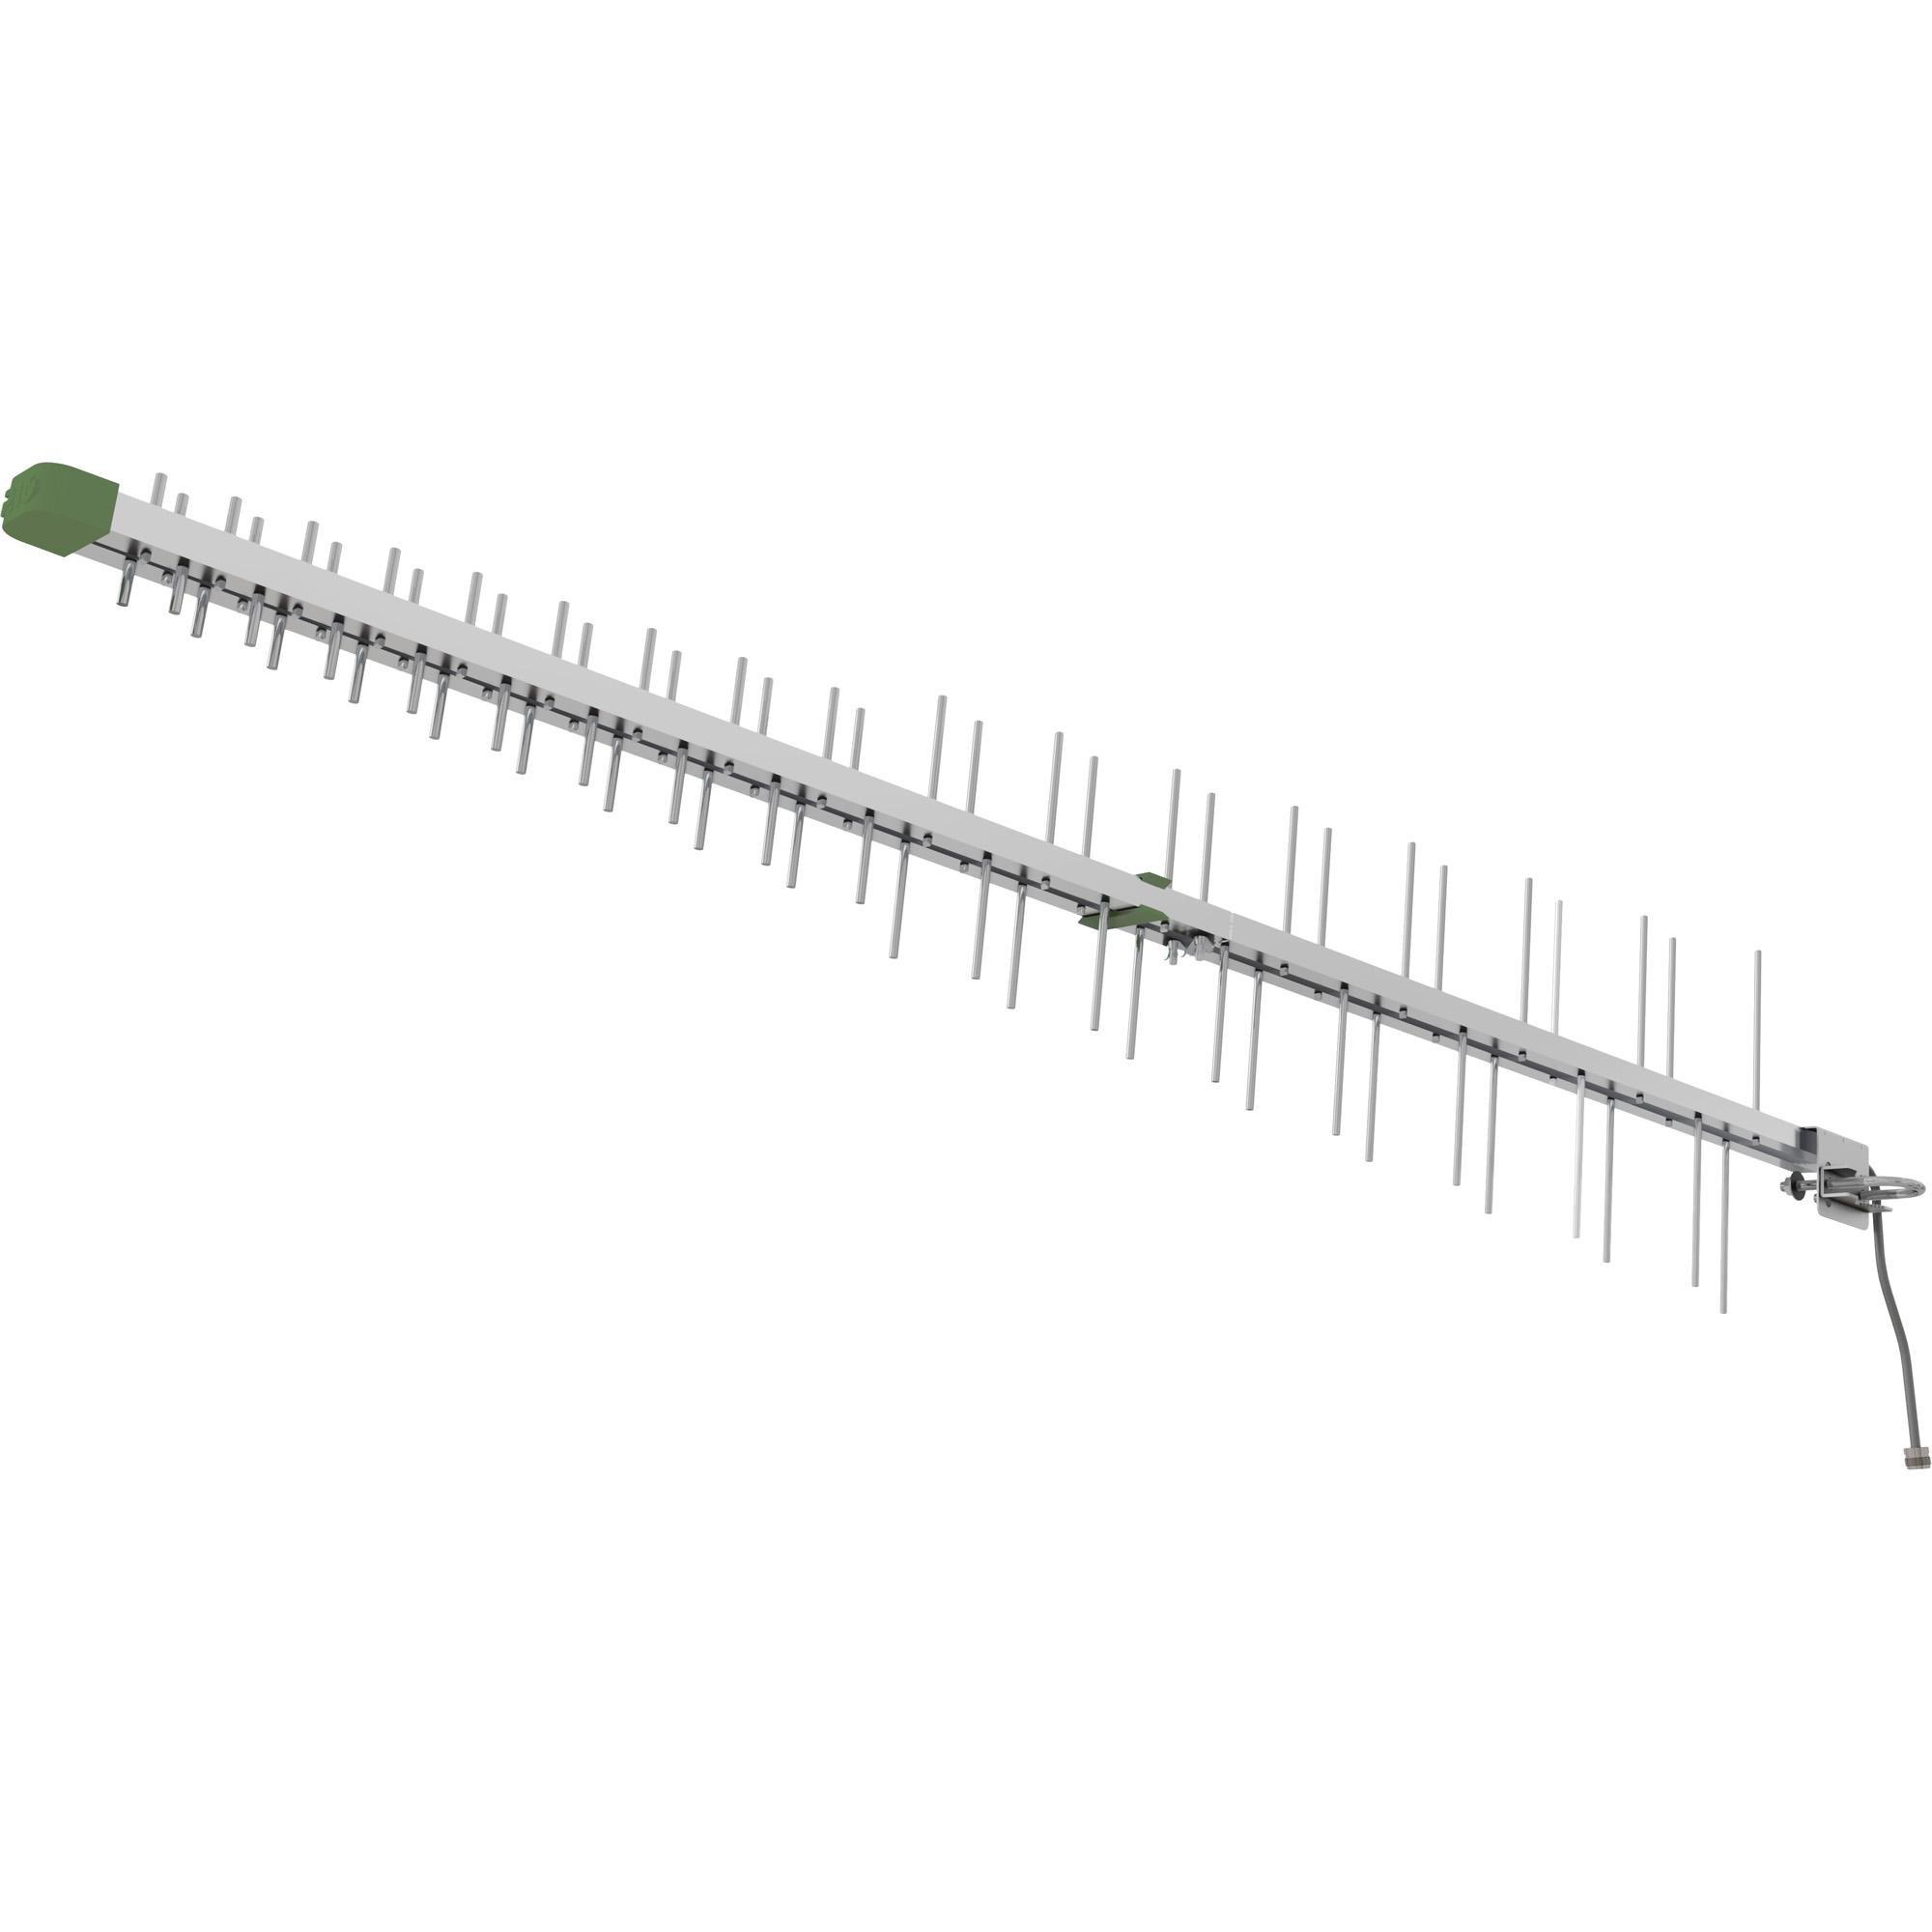 Antena para Celular Fullband PQAG5015LTE PROELETRONIC